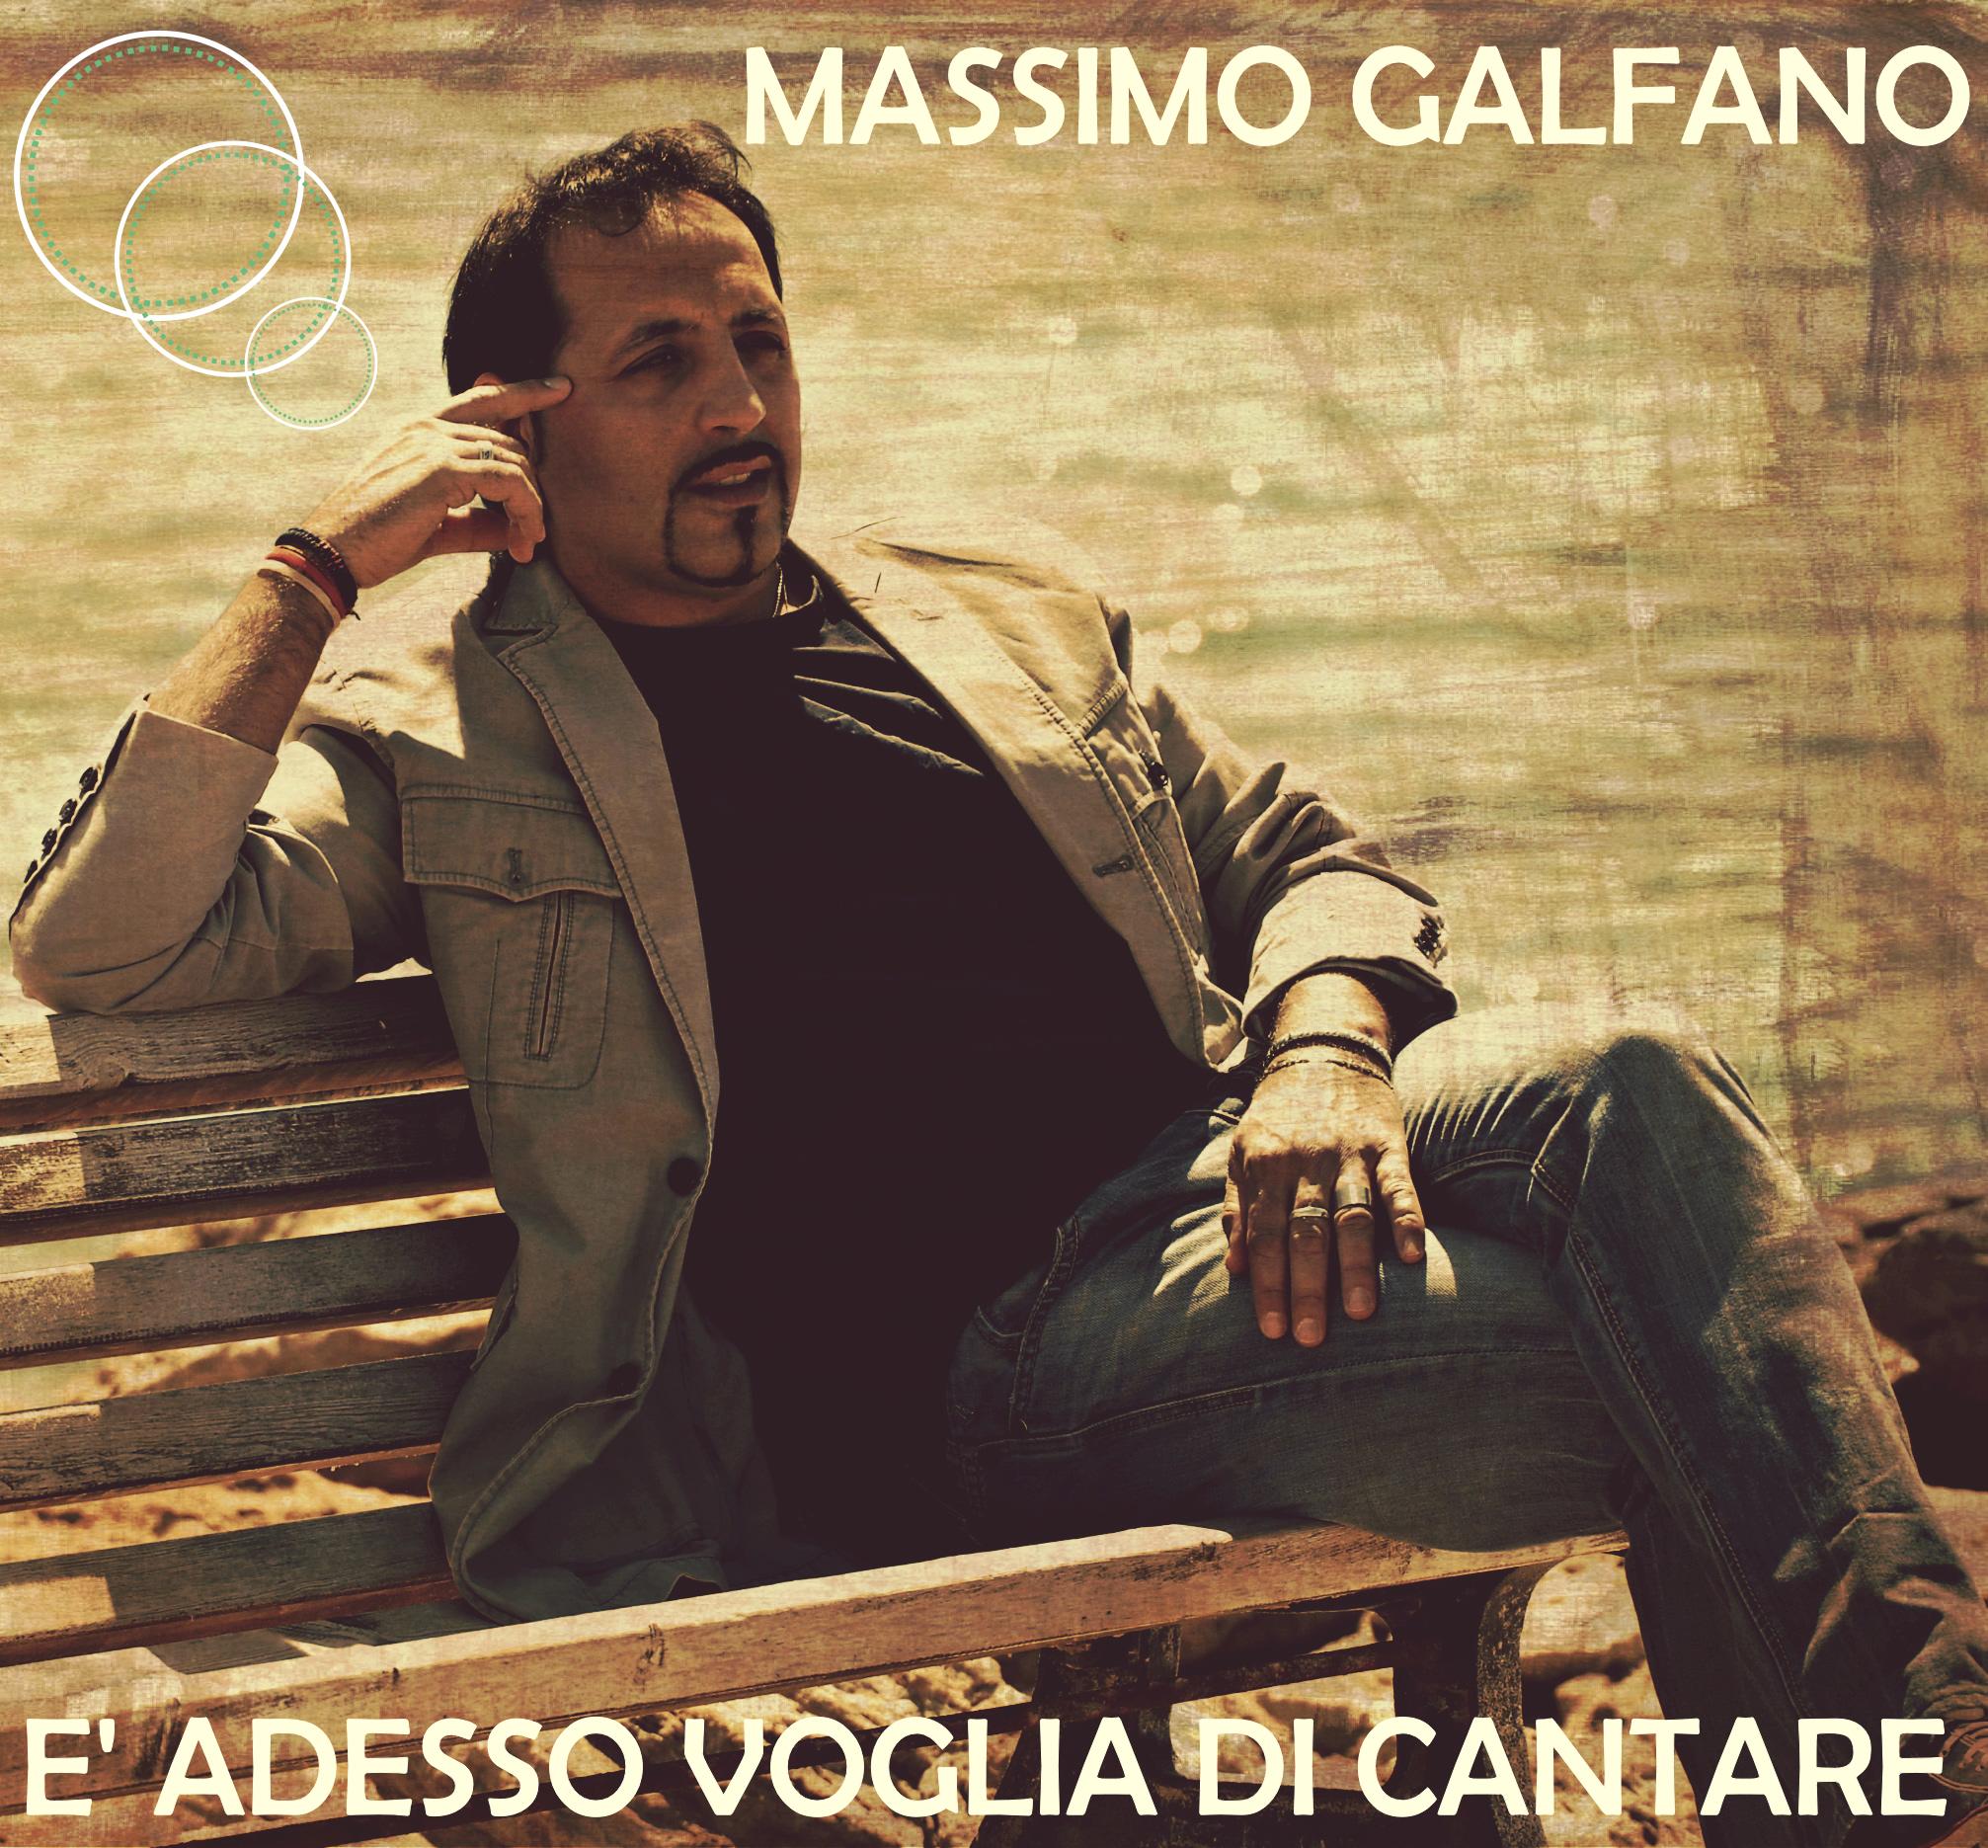 COPERTINA E' ADESSO VOGLIA DI CANTARE